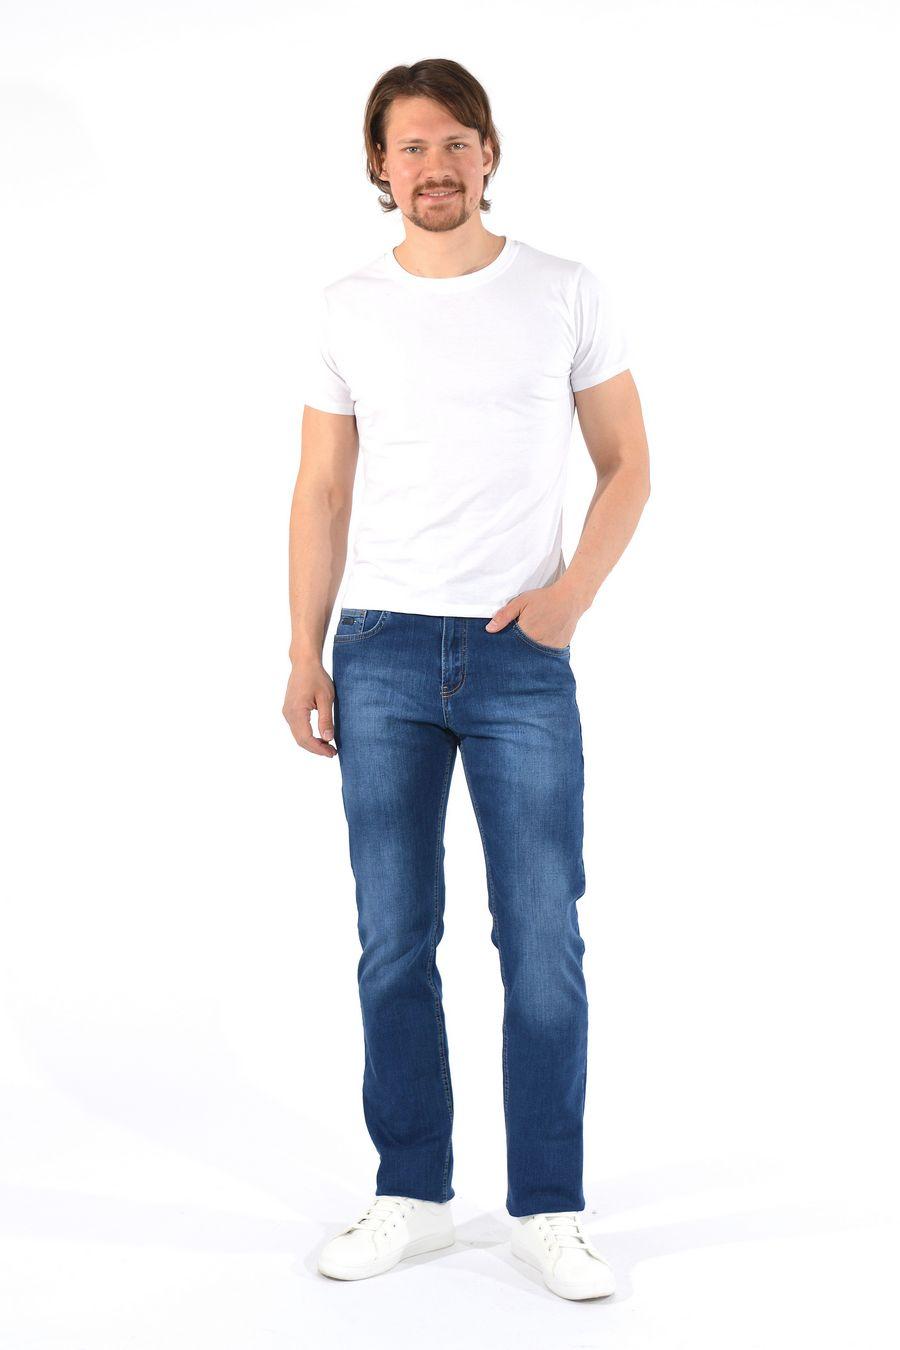 Джинсы мужские MAC Person 2899-12219 Mavi L34 - фото 1